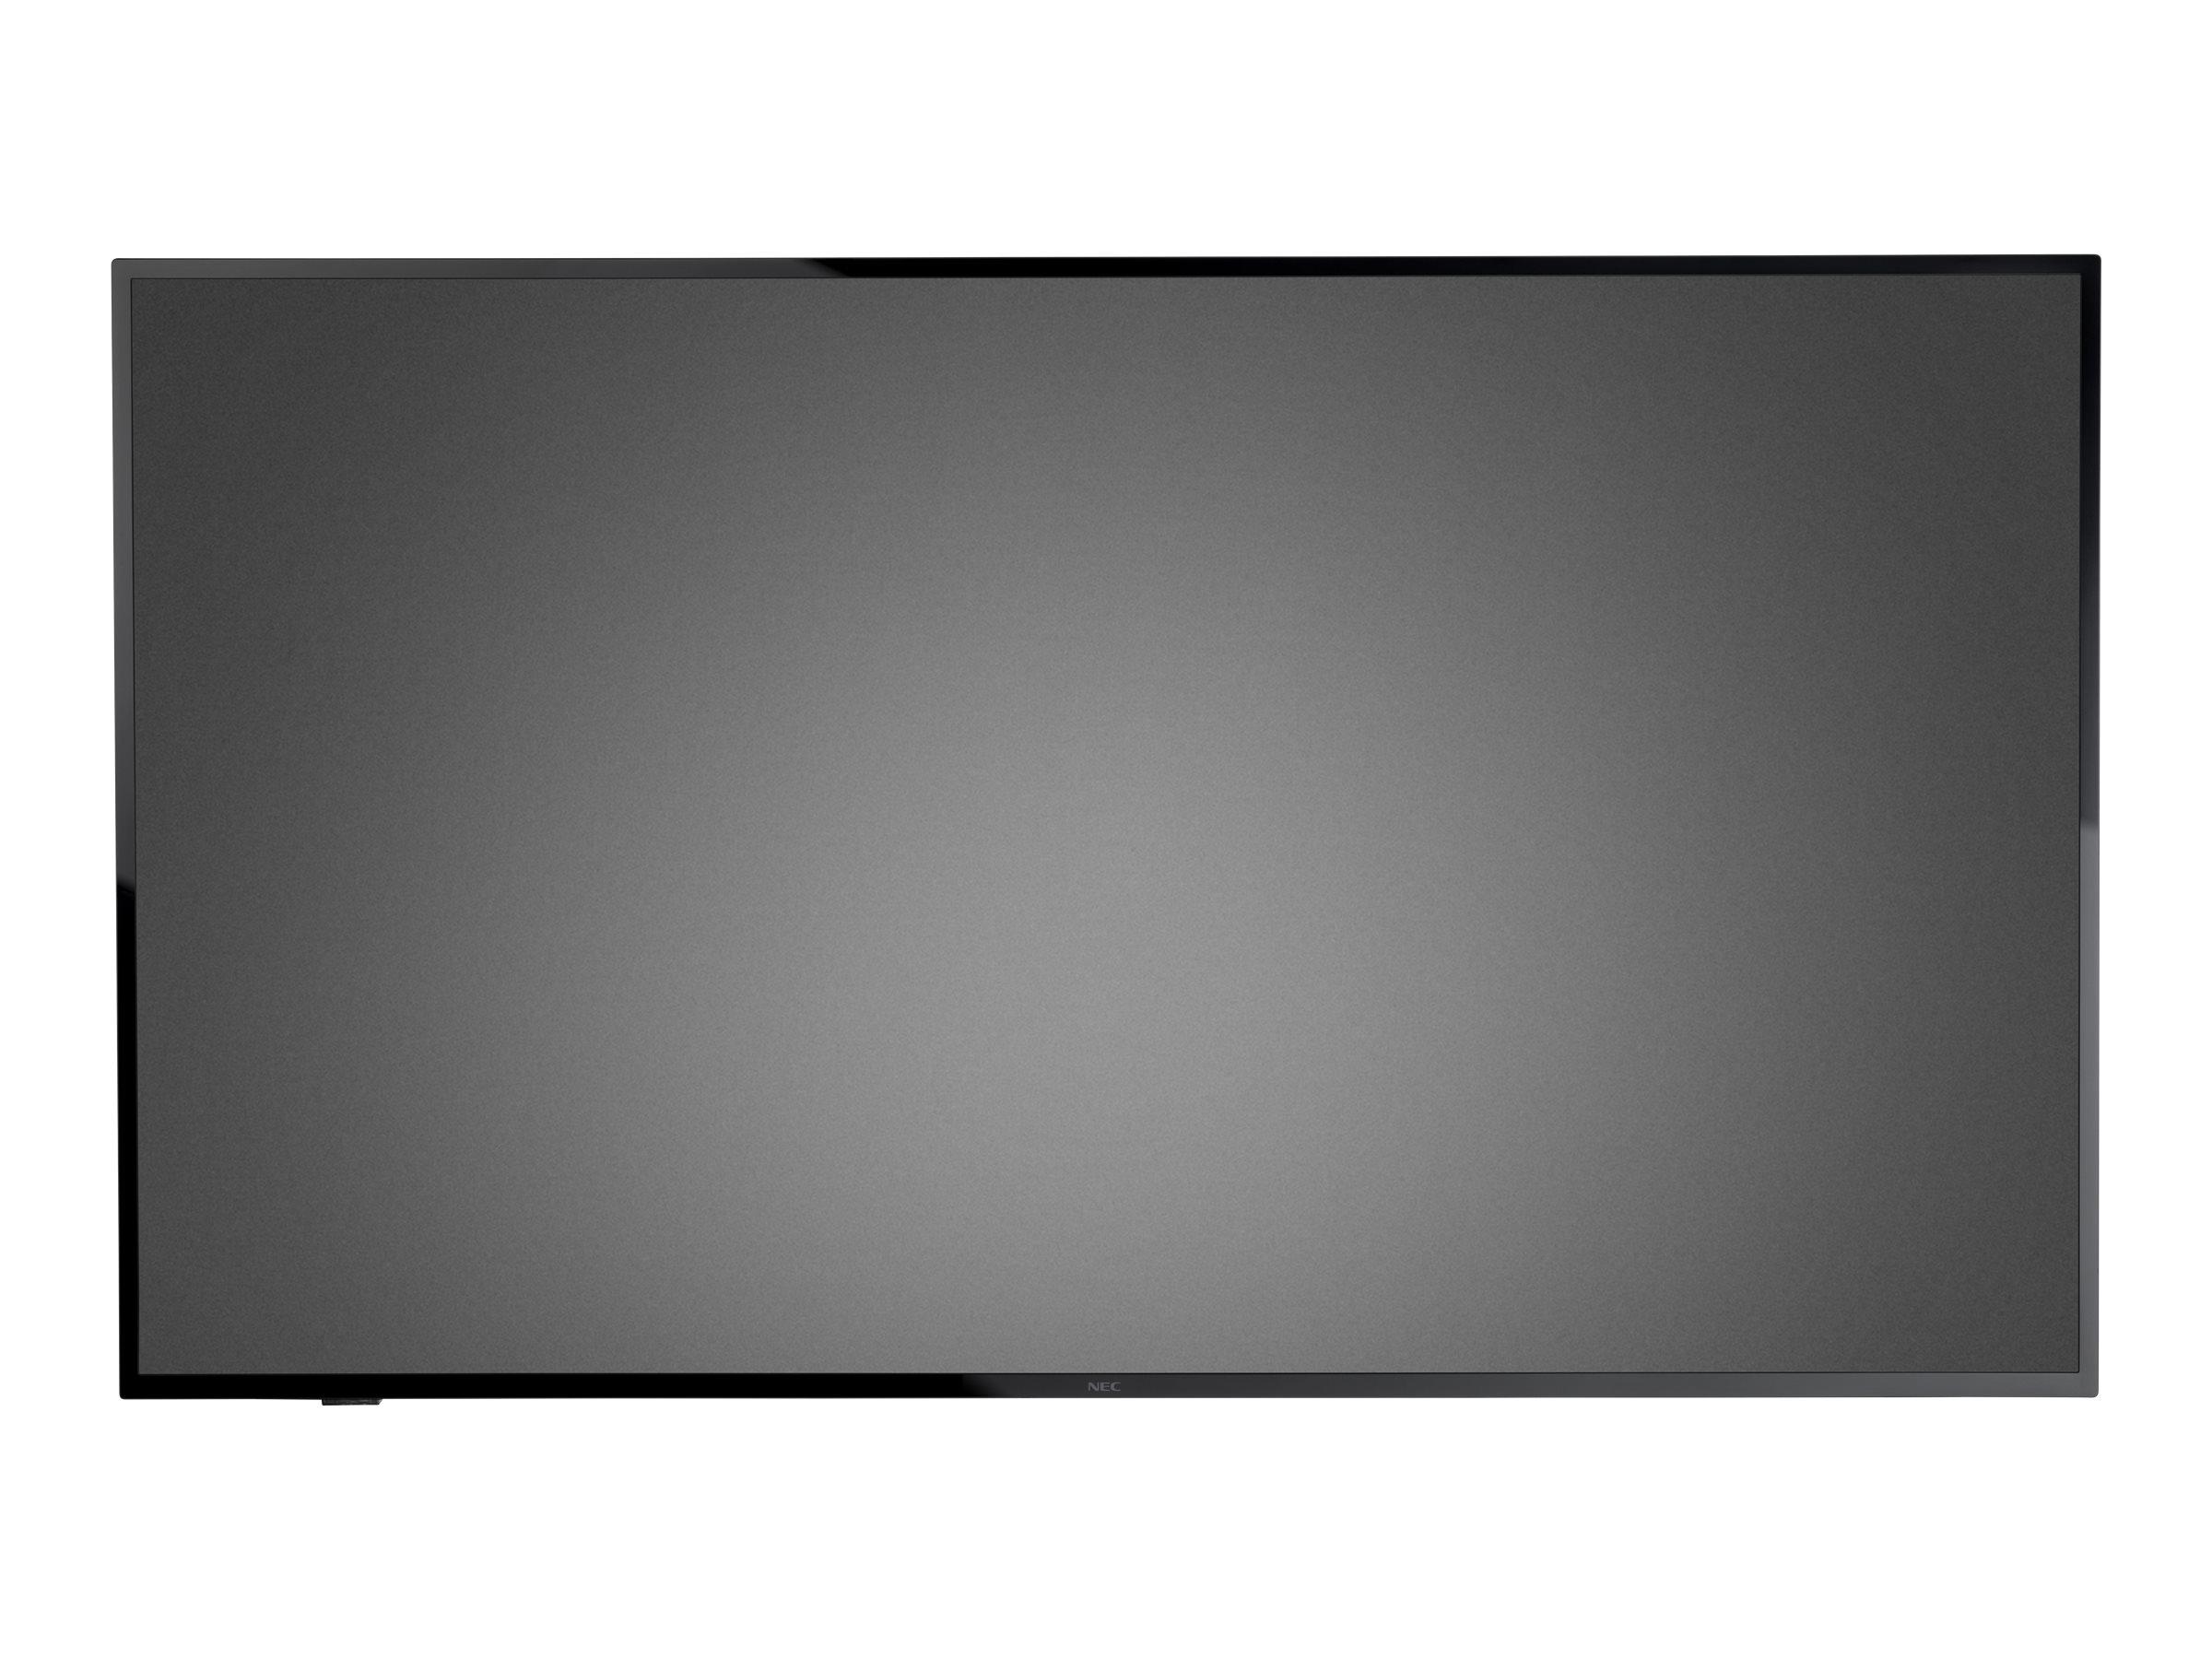 NEC MultiSync E437Q - 109.2 cm (43